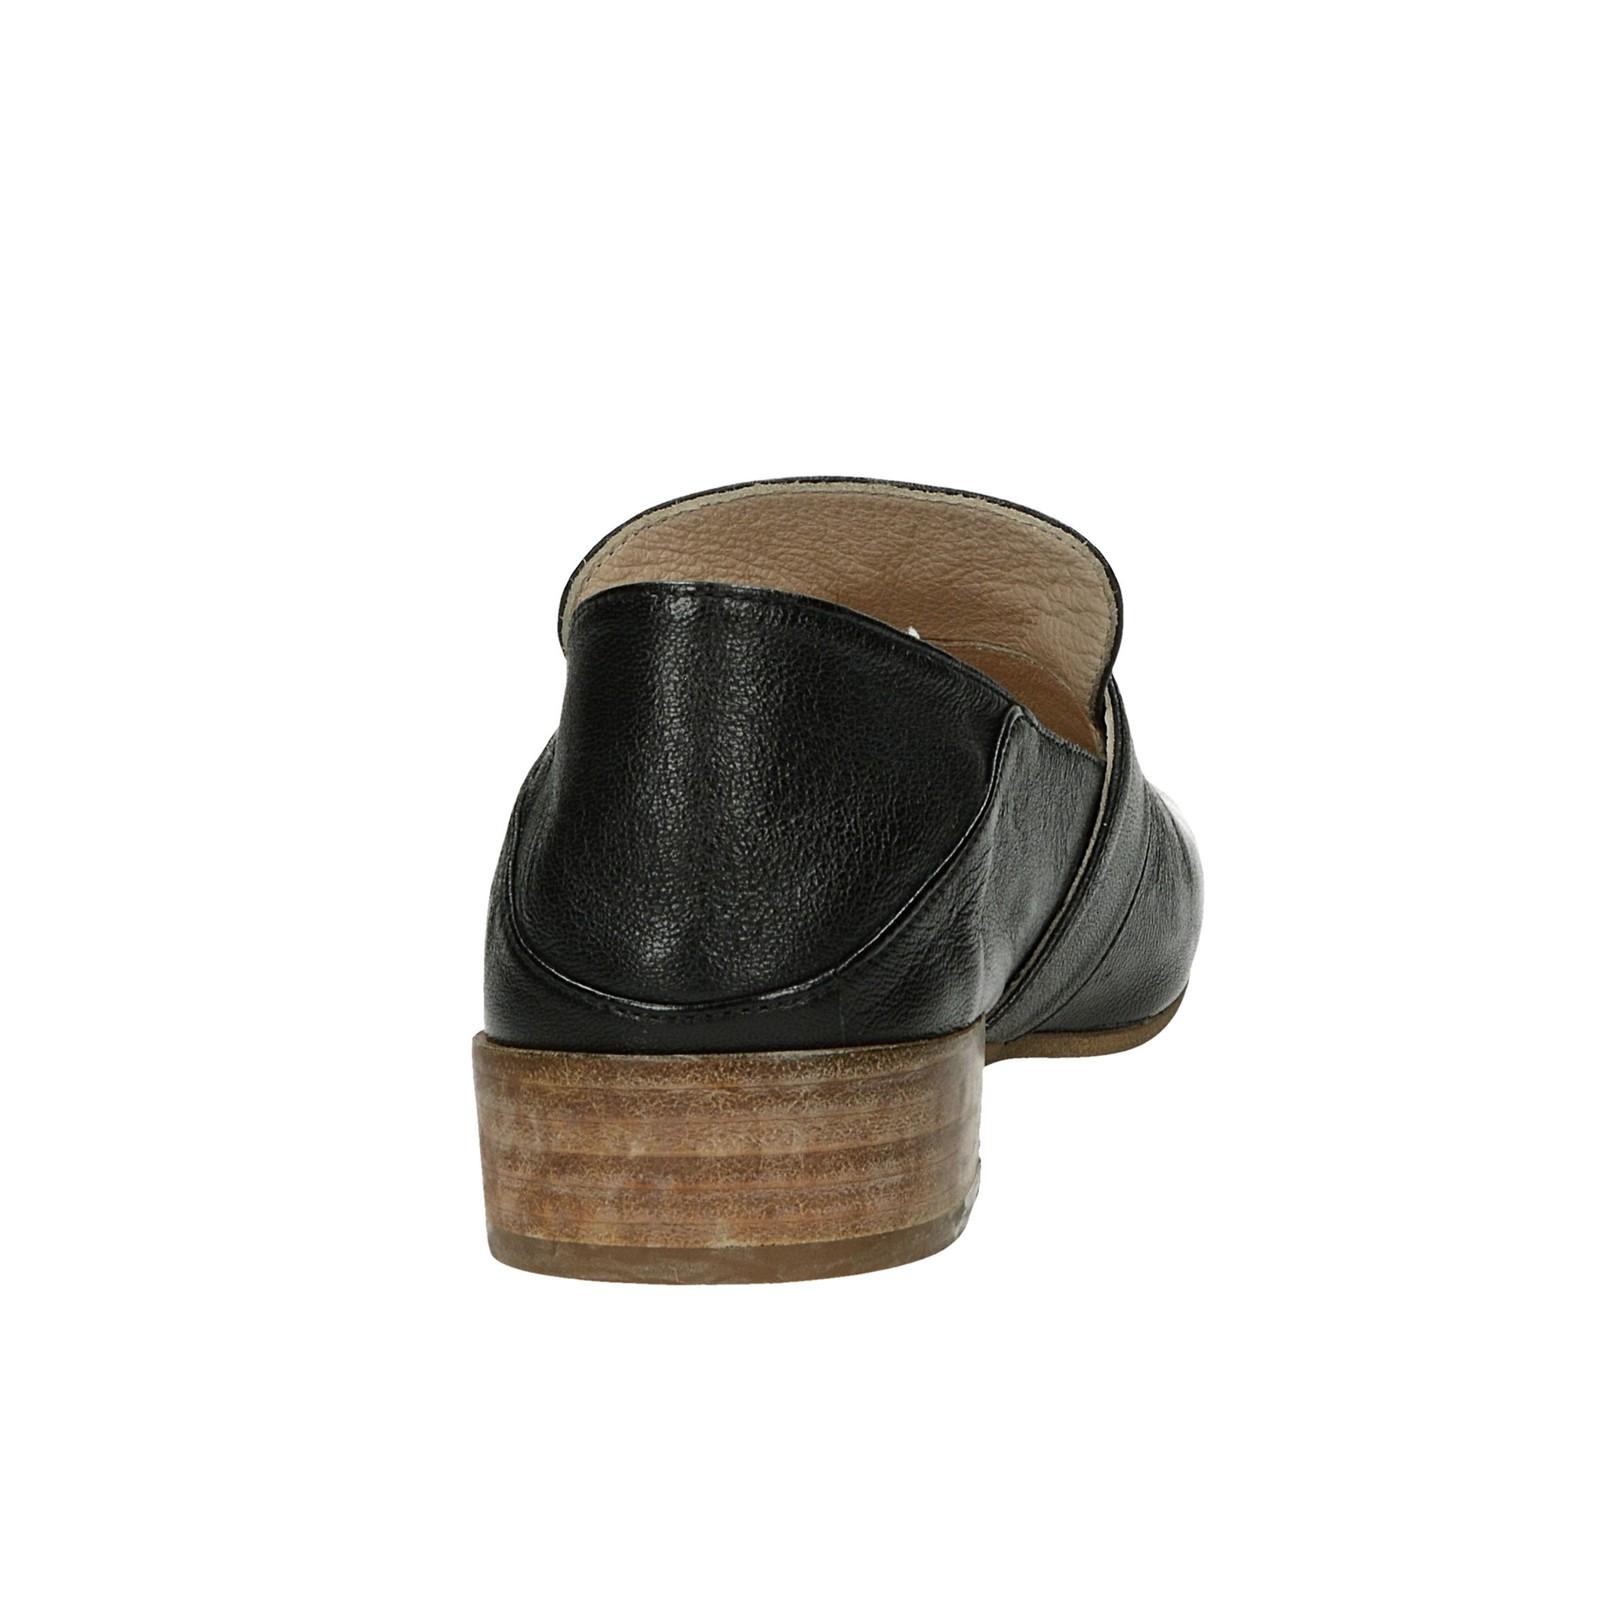 Relance dámske kožené poltopánky - čierne